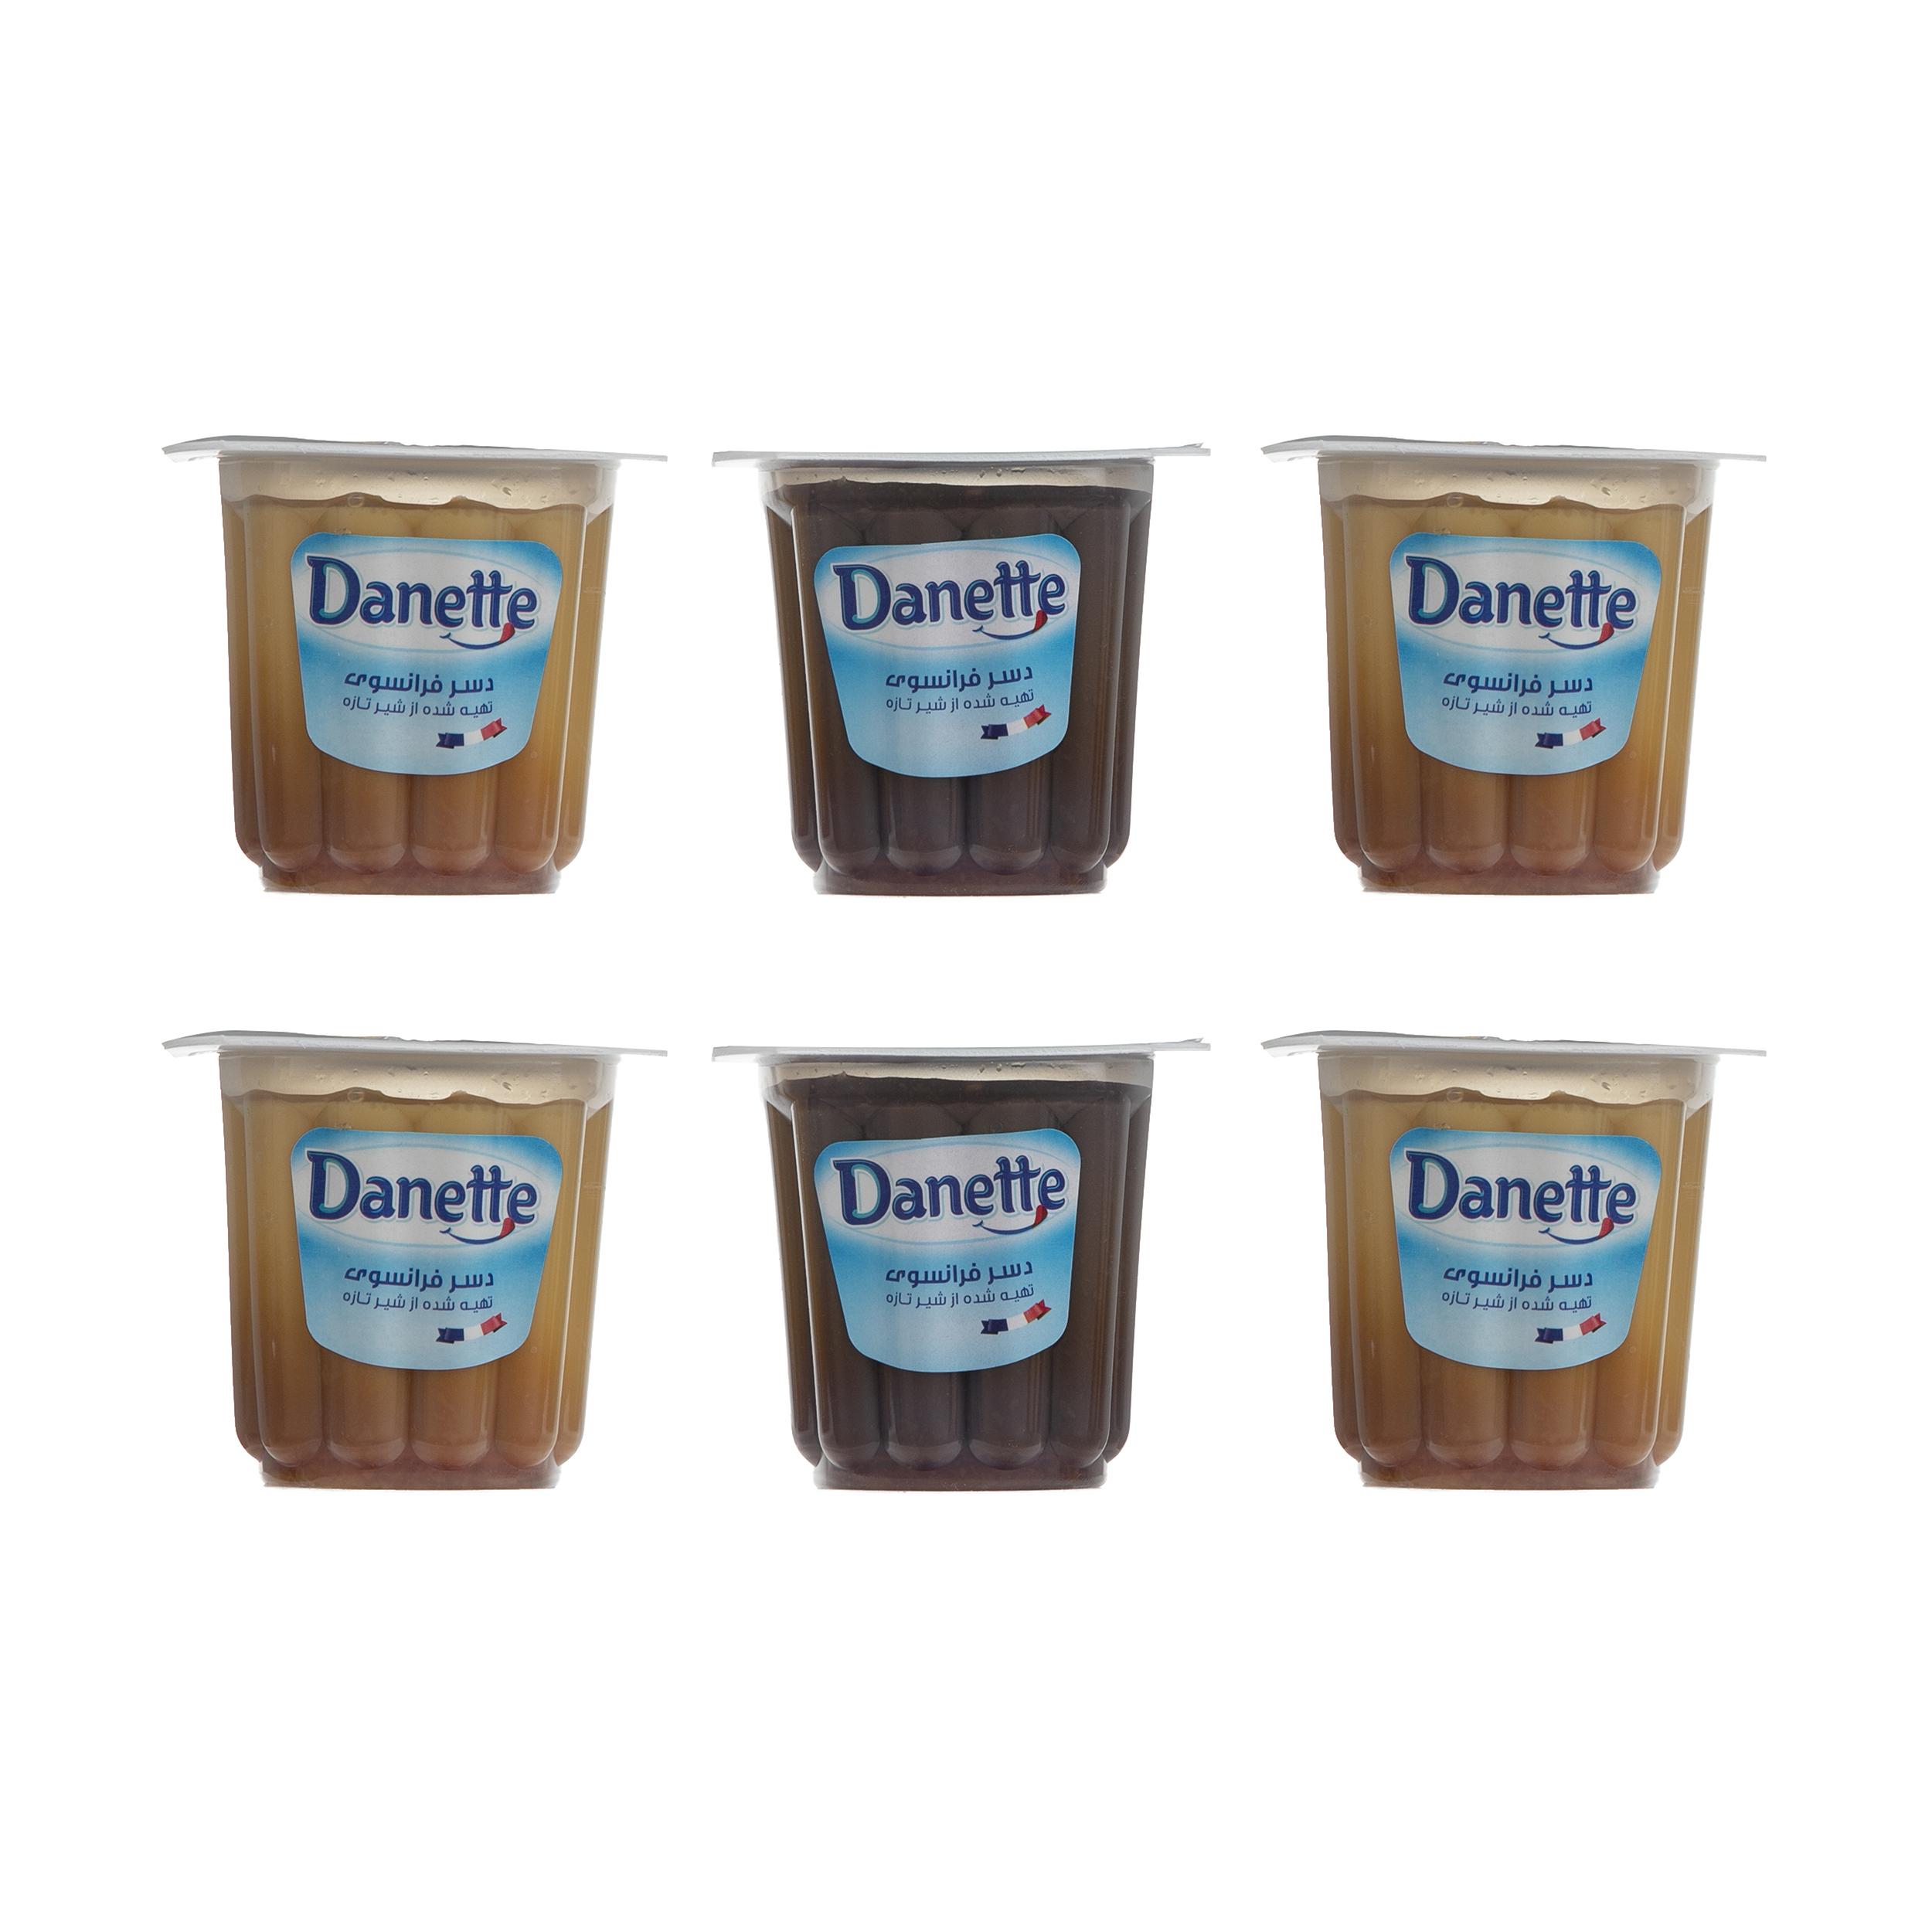 دسر دنت با طعم شکلات کارامل و کرم کارامل - 100 گرم مجموعه 6 عددی